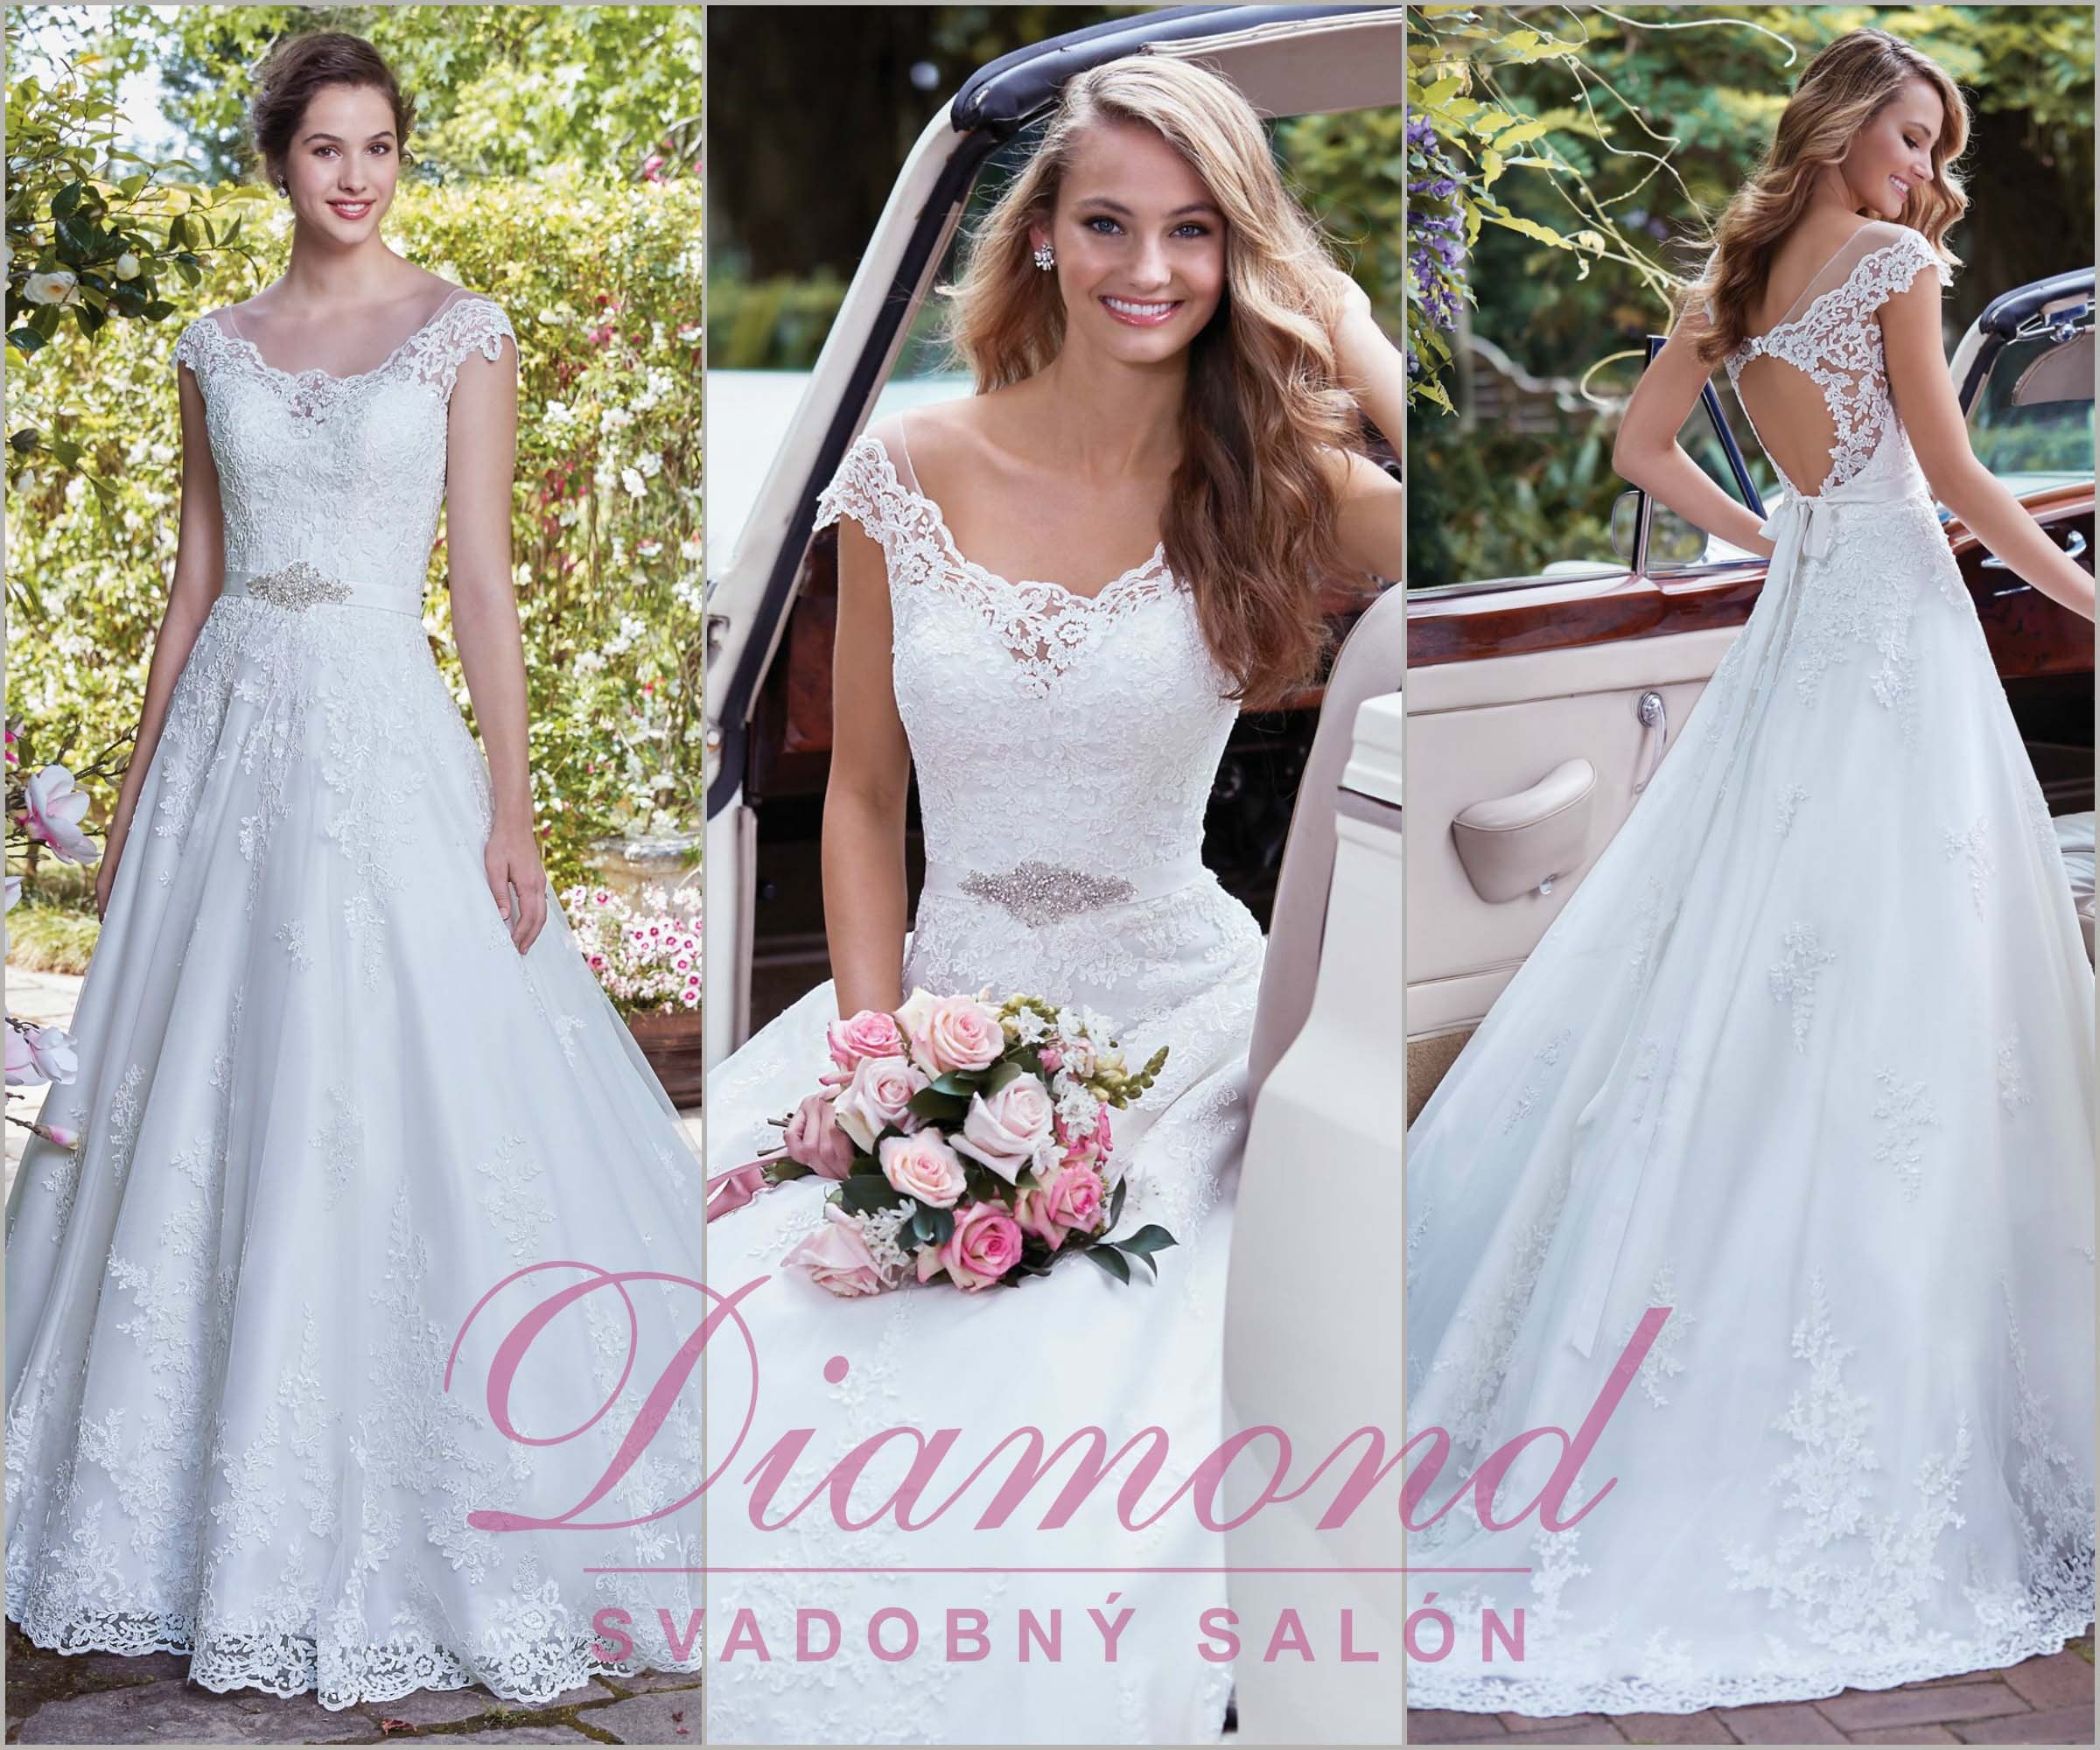 4dcf16cb051a Svadoný salón Diamond - všetko pre svadbu a - Móda